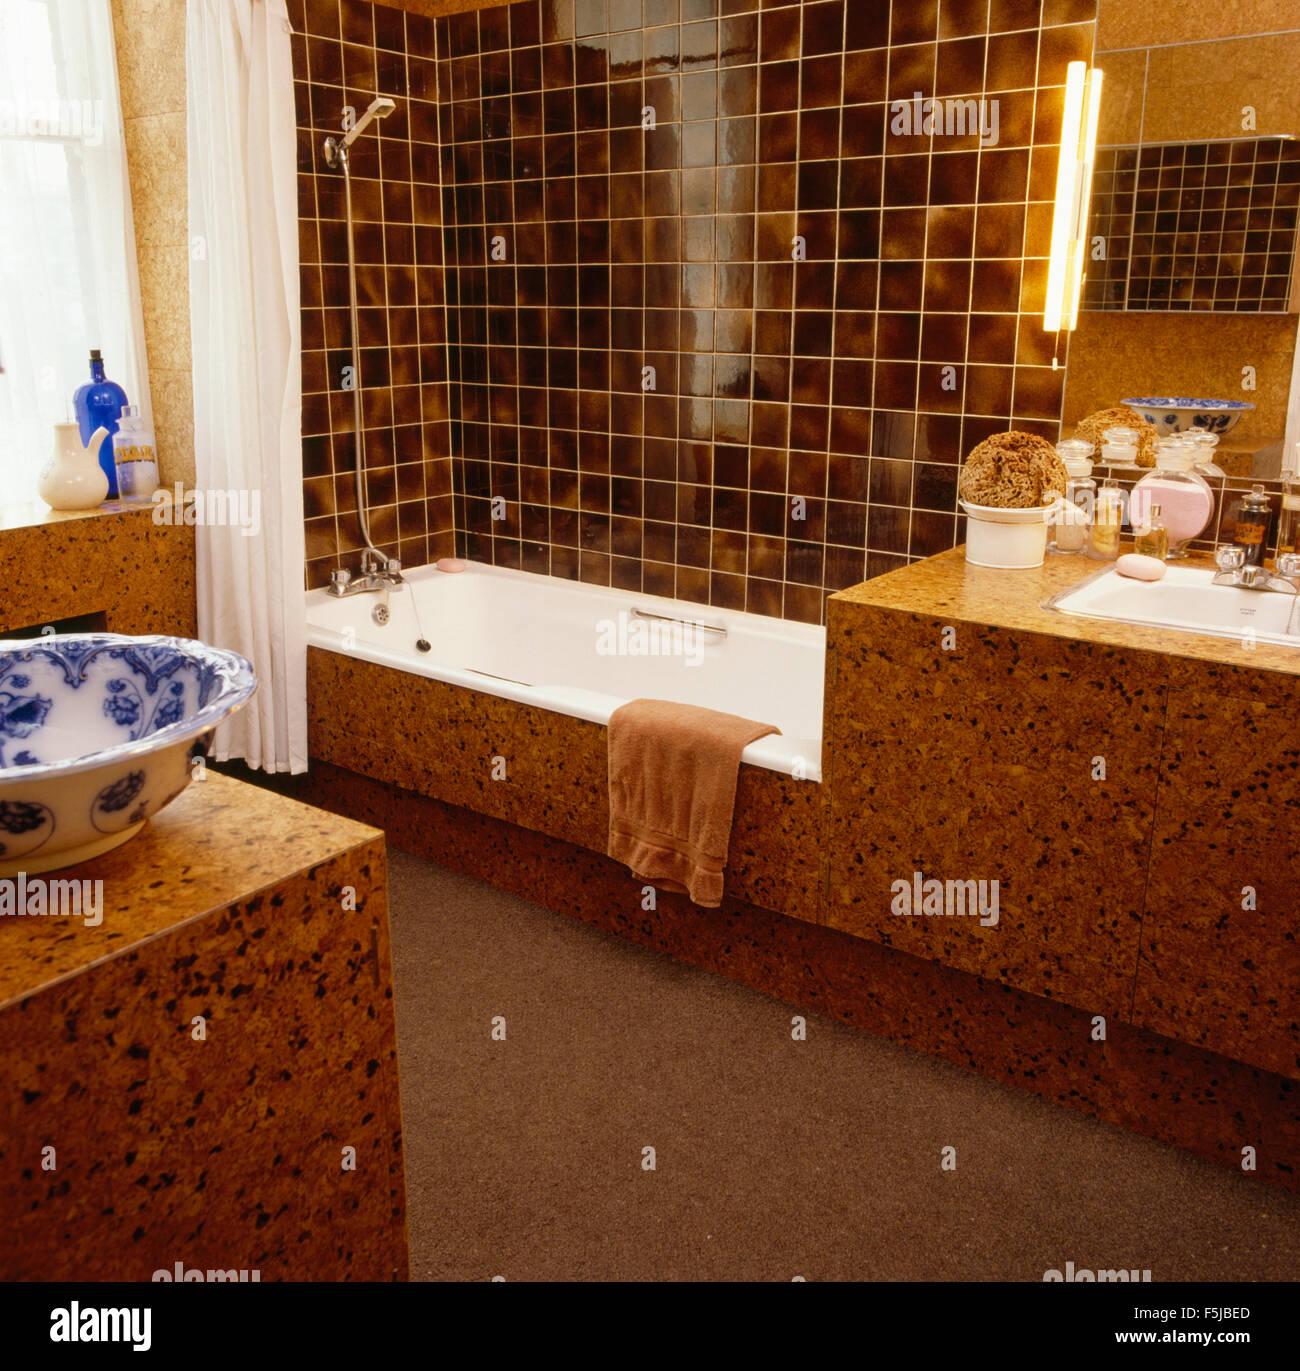 Braune Fliesen über Bad In Sechziger Jahre Kork Getäfelten Bad